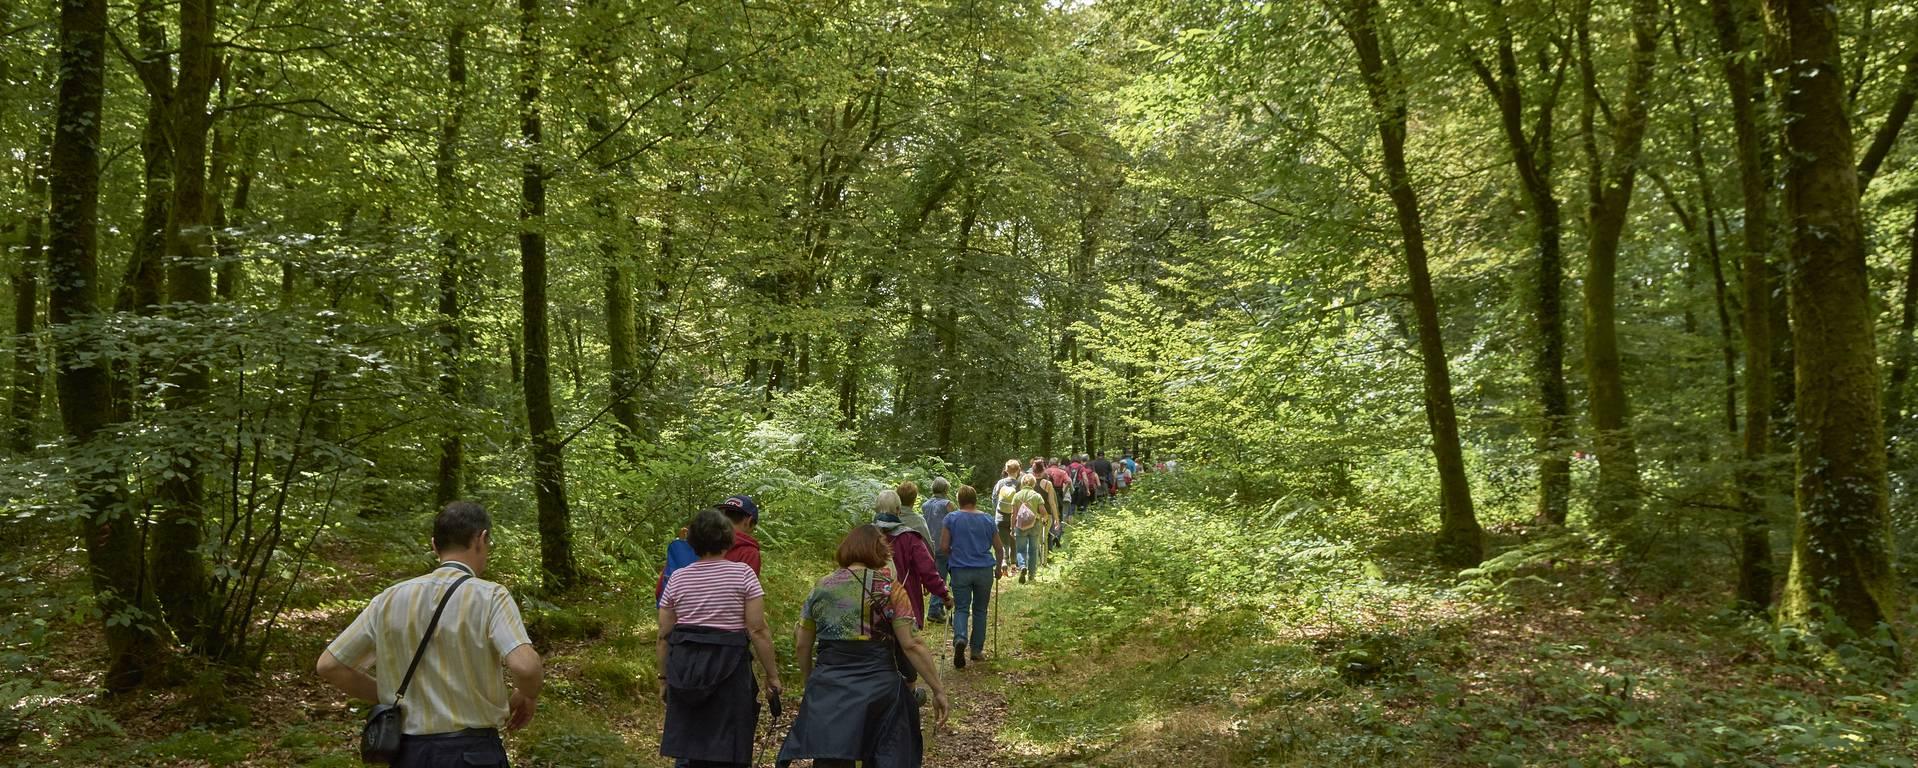 Sortie en forêt de Pont-Calleck © M-A Gouret-Puillandre